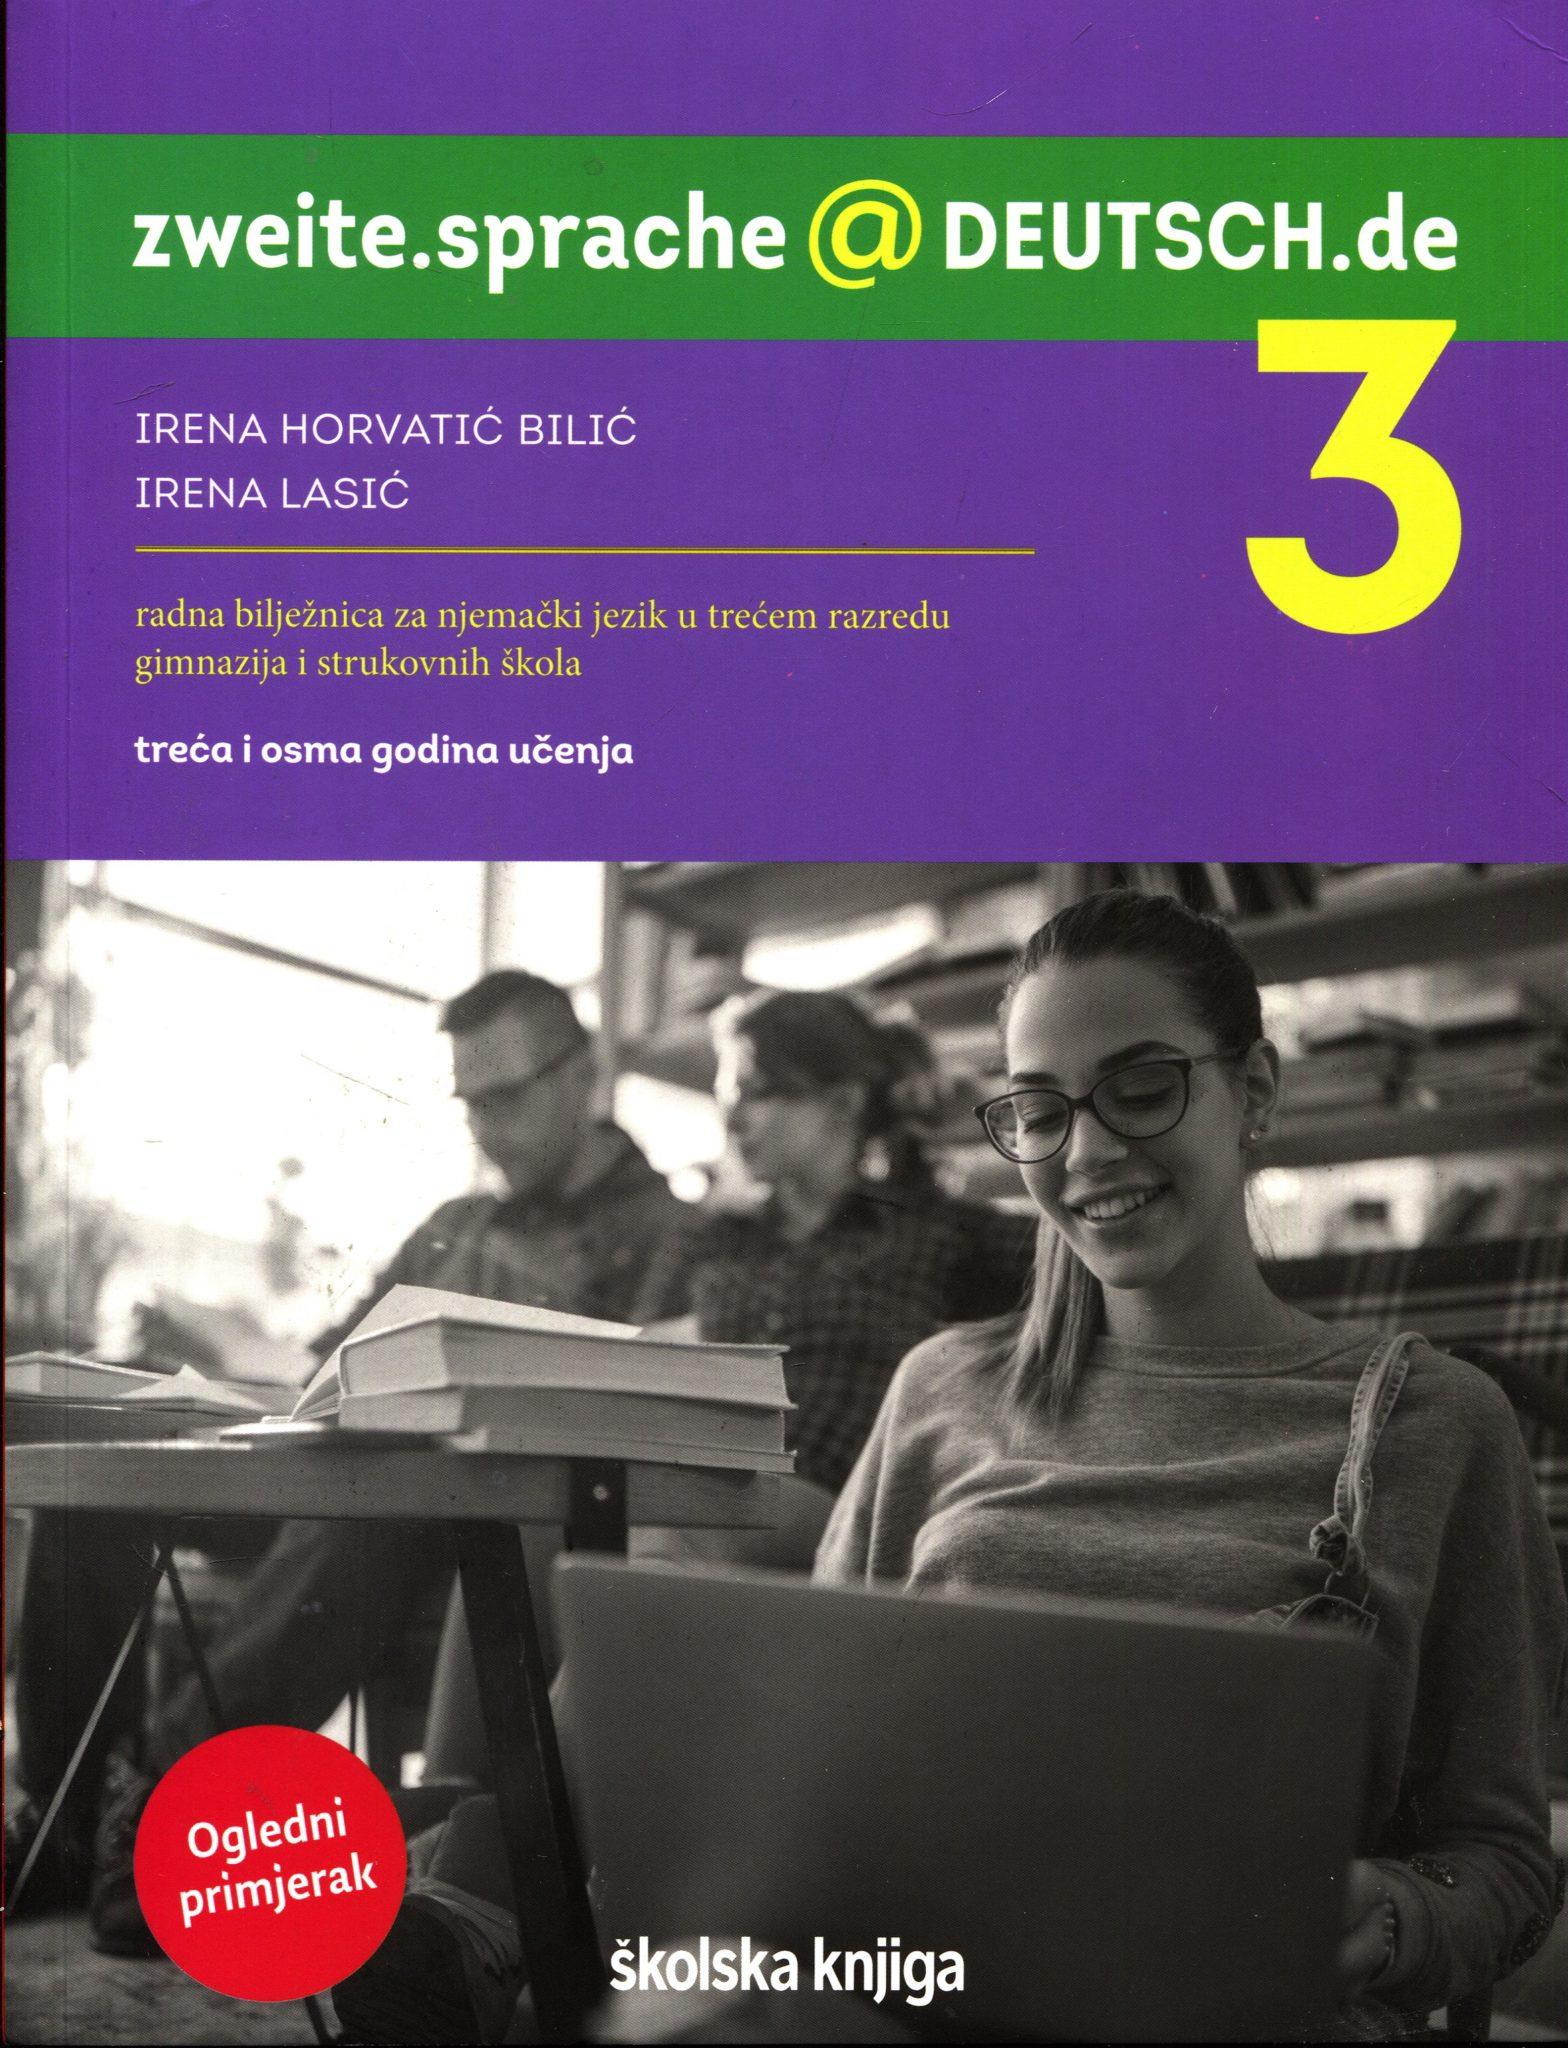 Irena Horvatić Bilić, Irena Lasić  - ZWEITE.SPRACHE@DEUTSCH.DE 3 - radna bilježnica za njemački jezik u trećem razredu gimnazija i strukovnih škola, 3. i 8. godina učenja !2020!